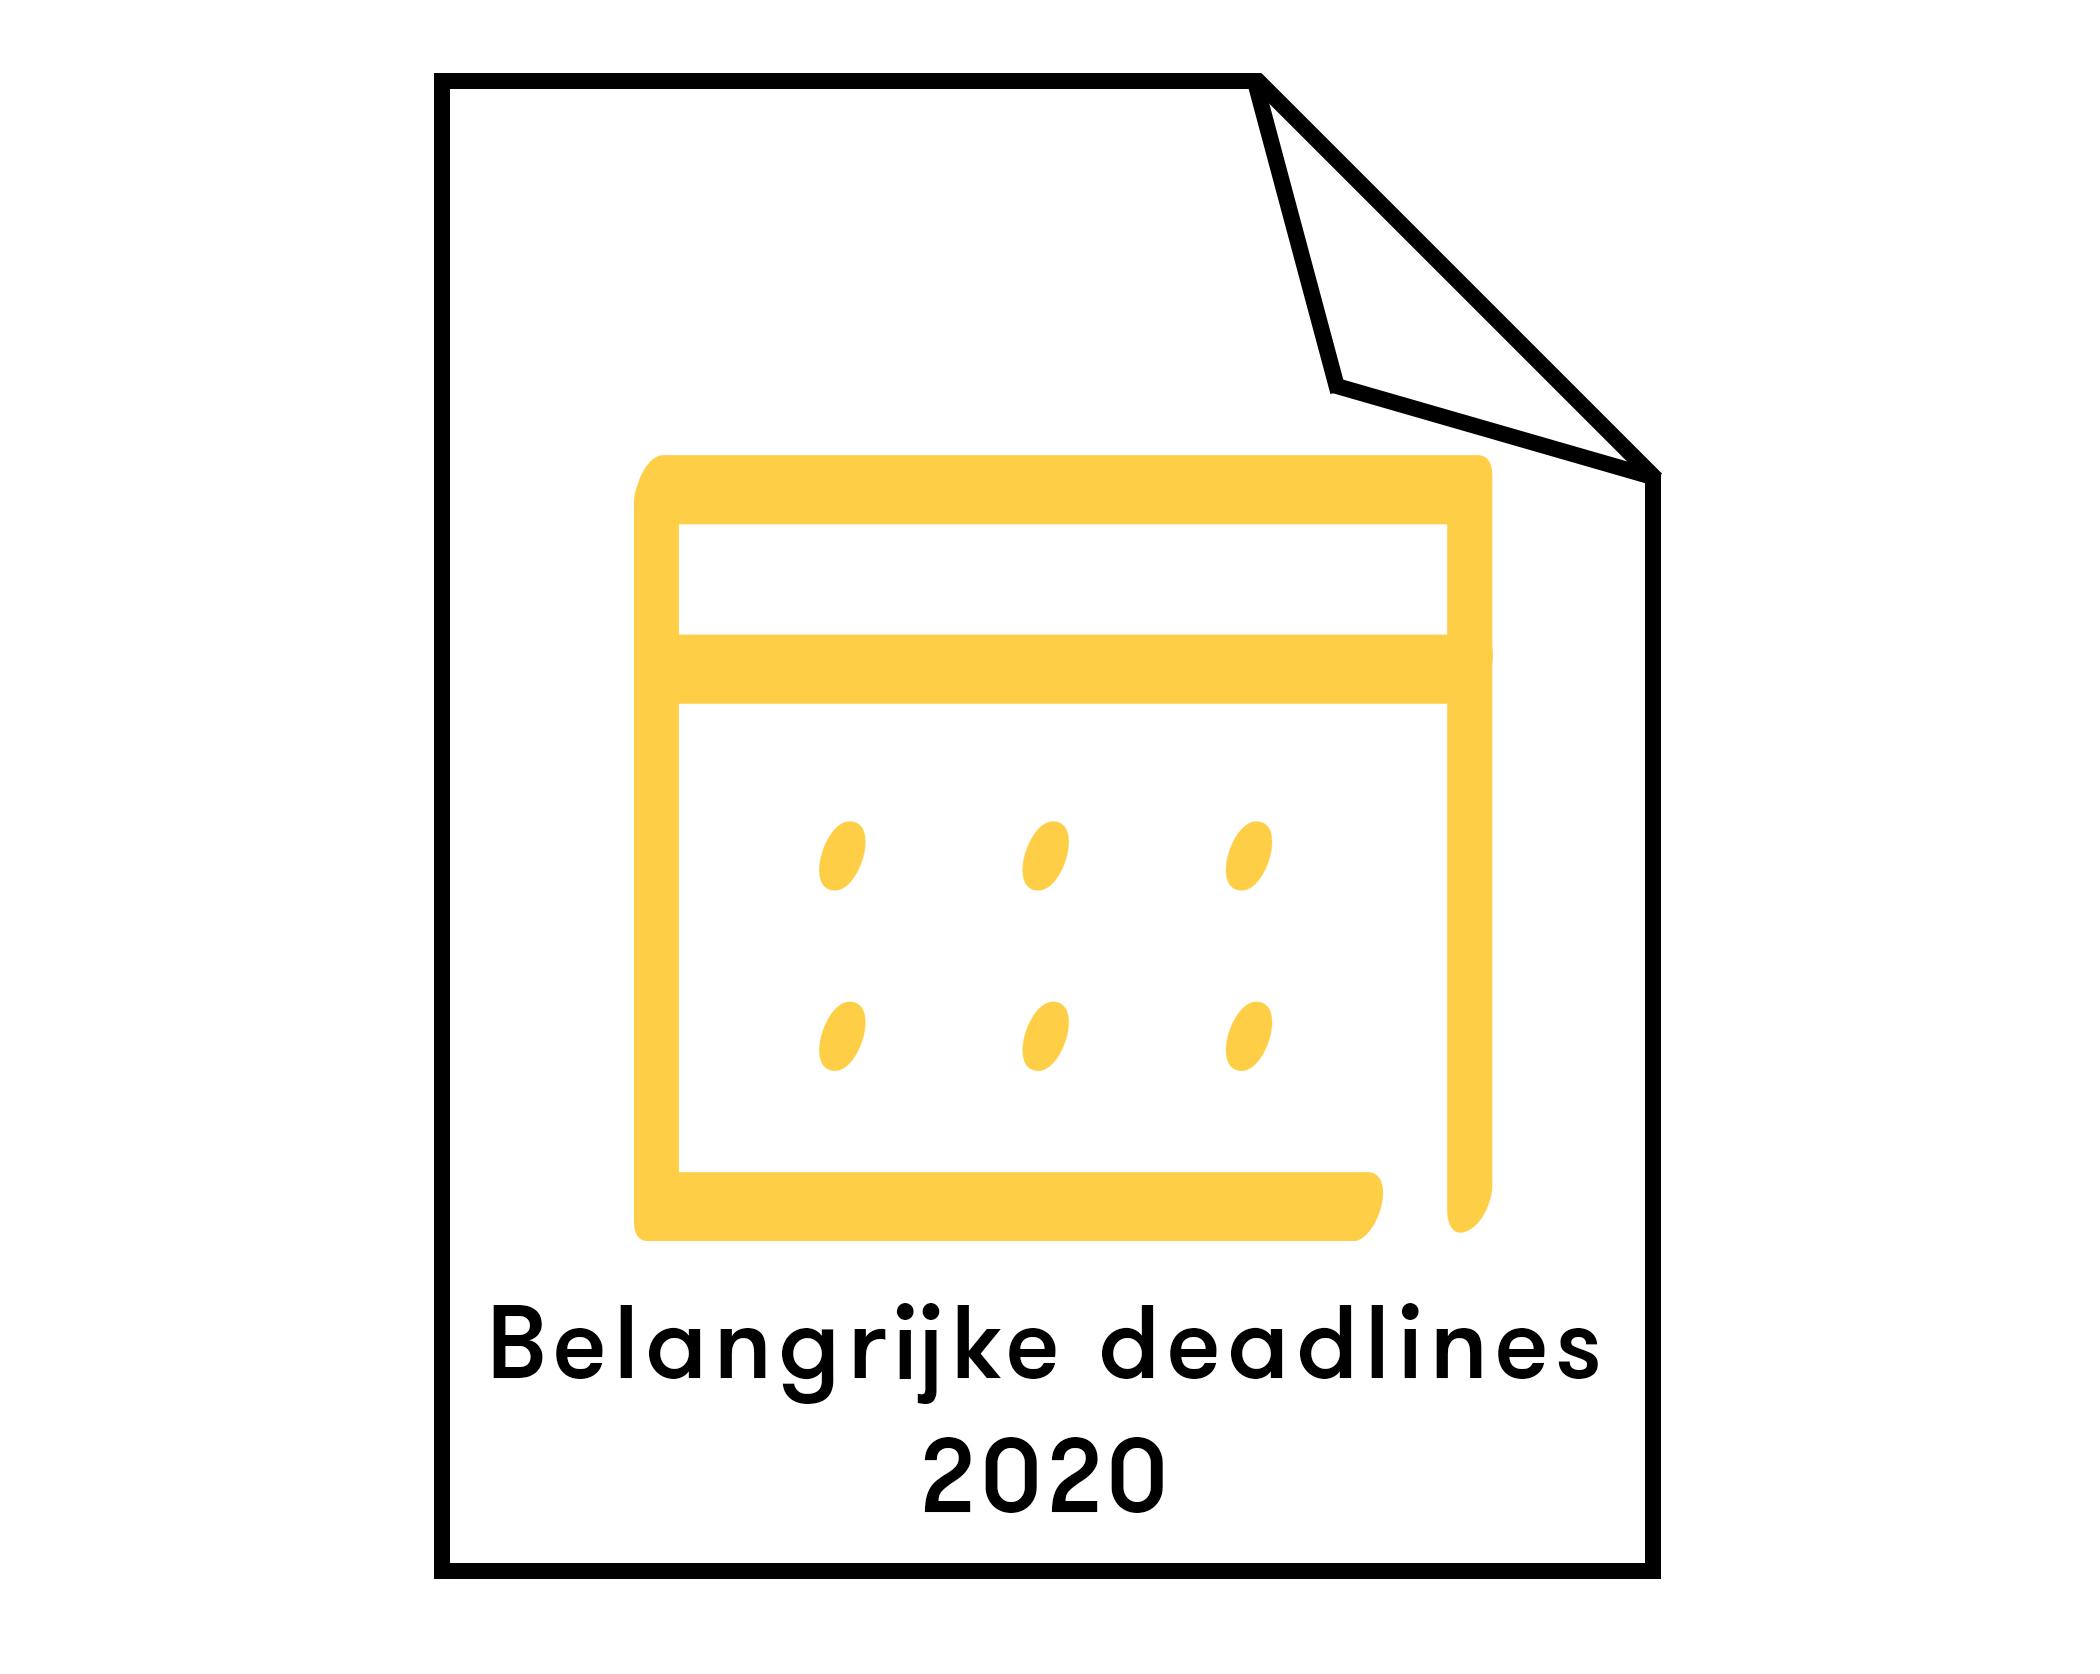 afbeeldig belangrijke deadlines 2020